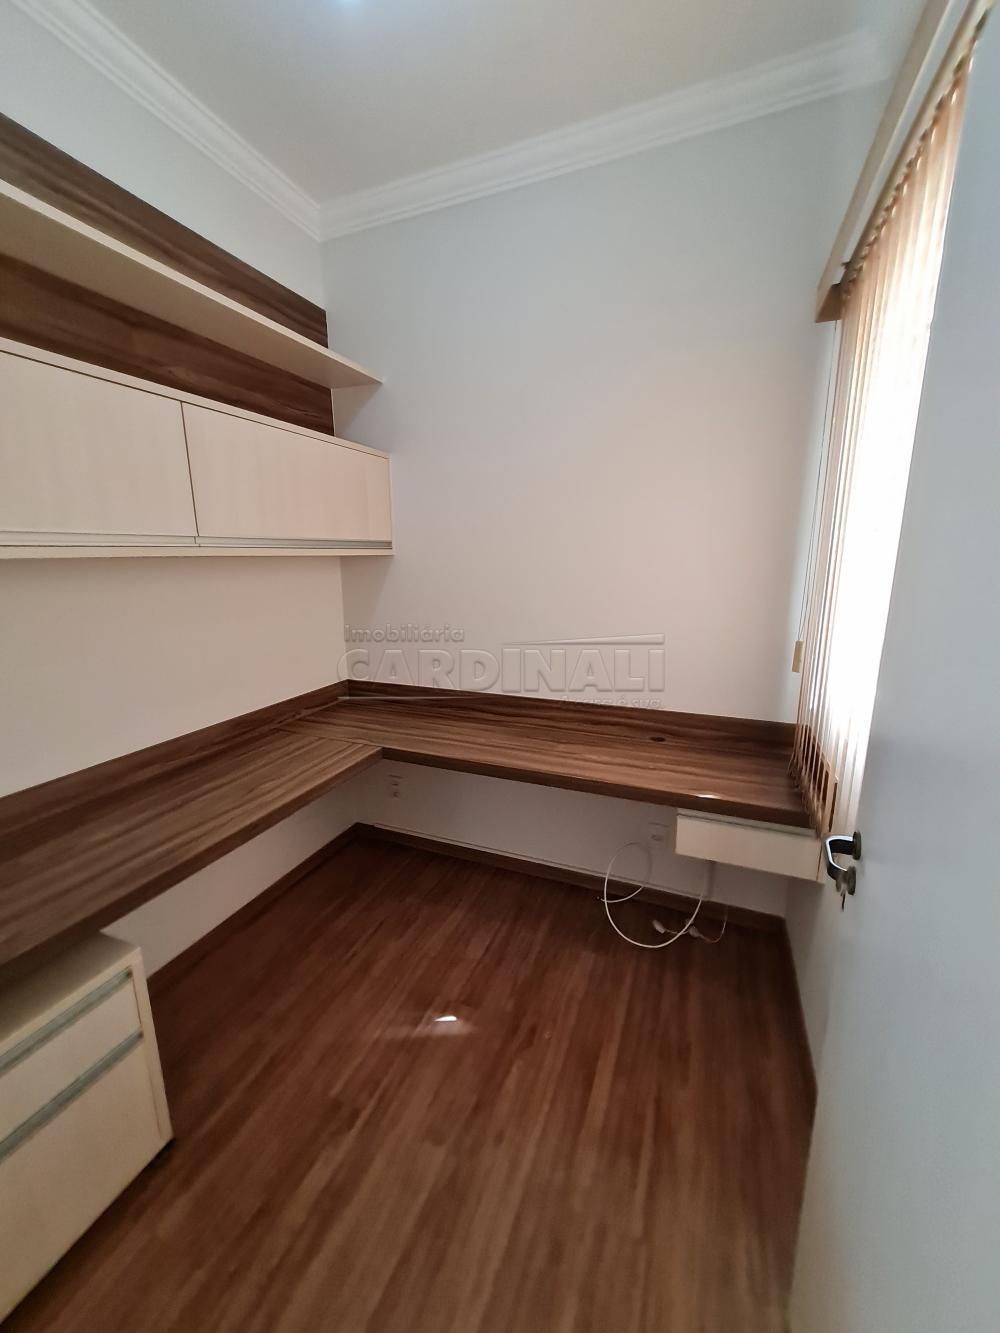 Comprar Casa / Condomínio em São Carlos R$ 865.000,00 - Foto 9